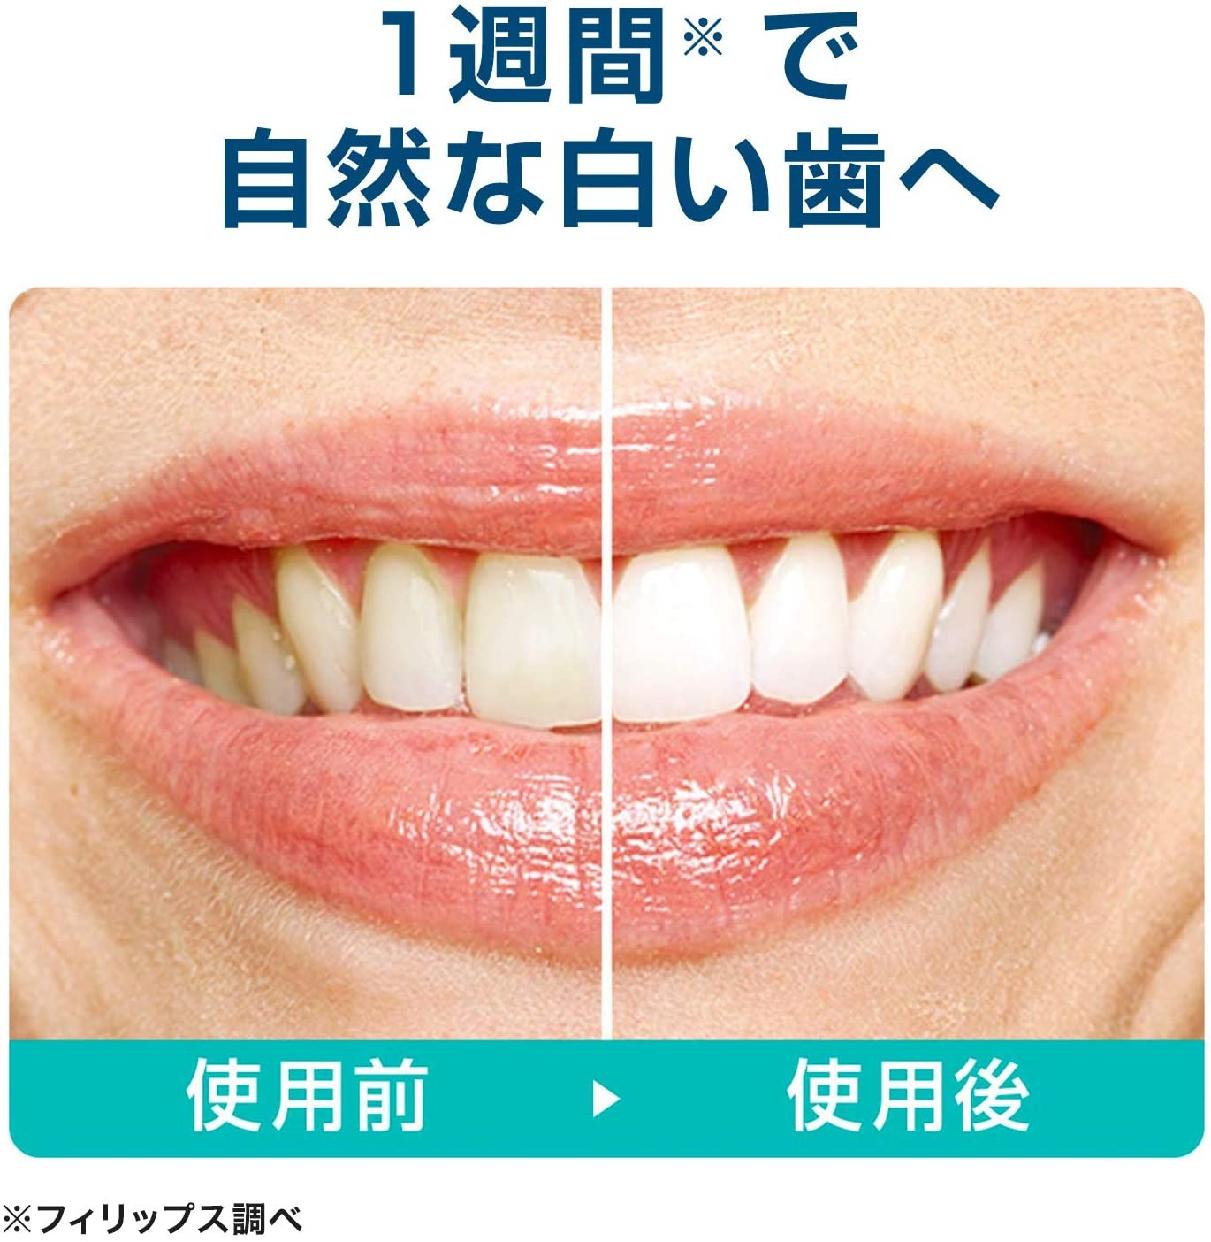 sonicare(ソニッケアー)ダイヤモンドクリーン スマート HX9964/55の商品画像3